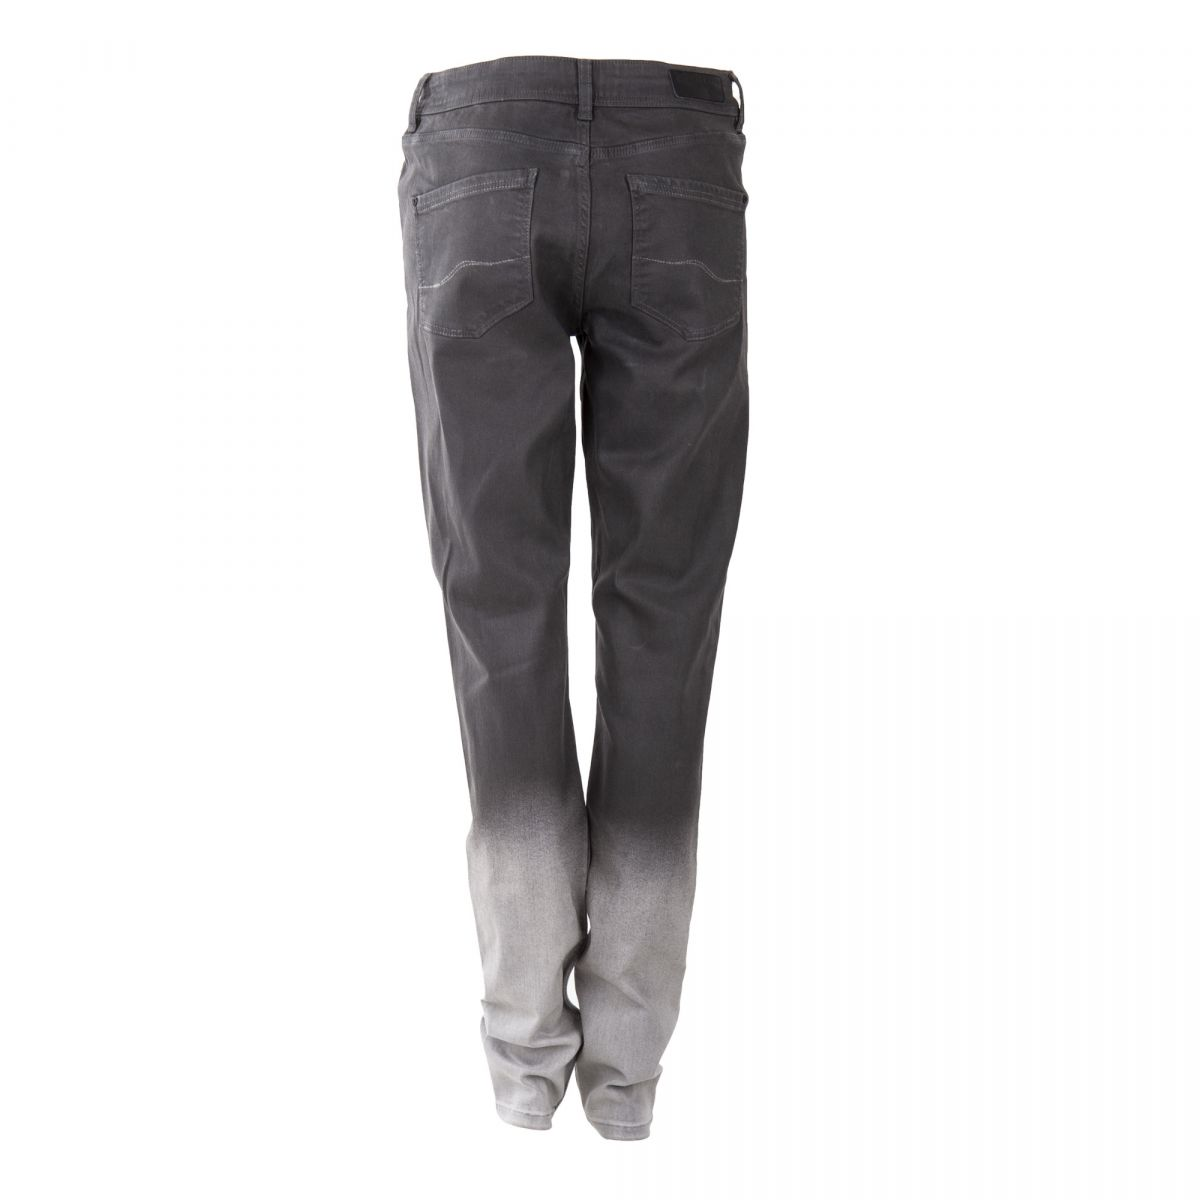 jean skinny enduit tie and dye gris femme expresso prix d griff. Black Bedroom Furniture Sets. Home Design Ideas